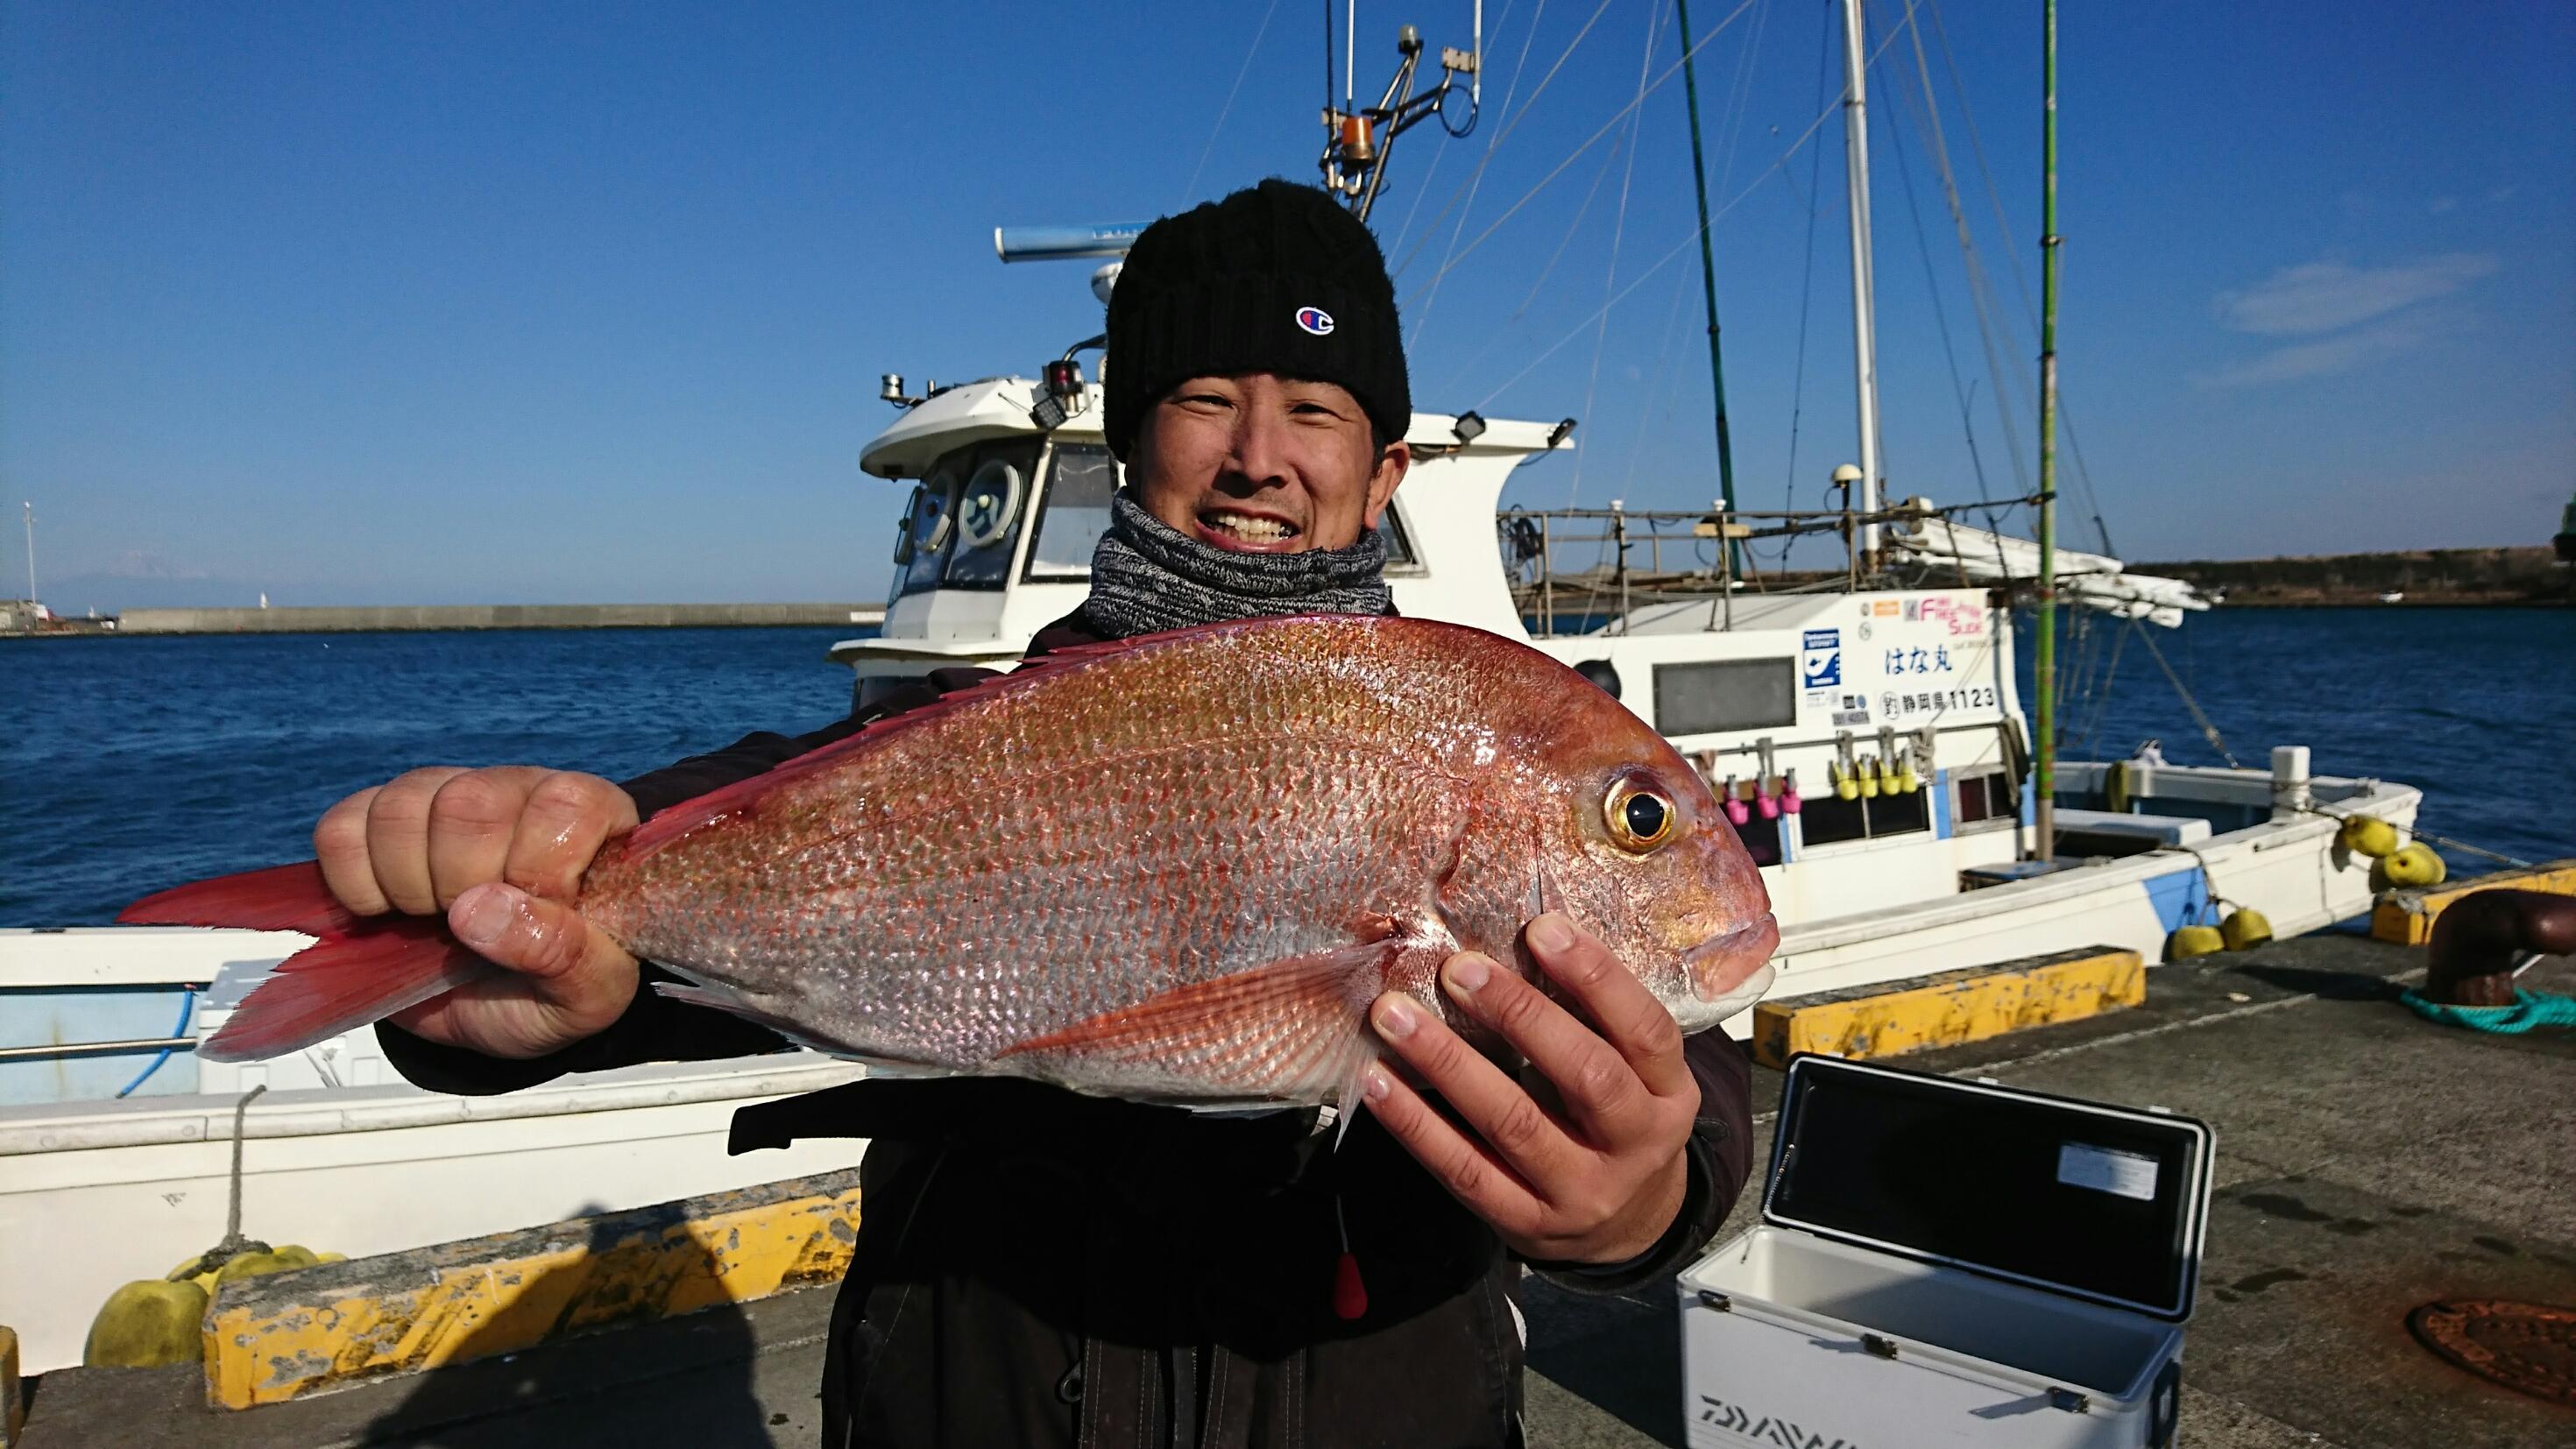 他にワラサ3本など釣れてました。船長は丁寧で優しく 大シケの中でも楽しく釣りができました!